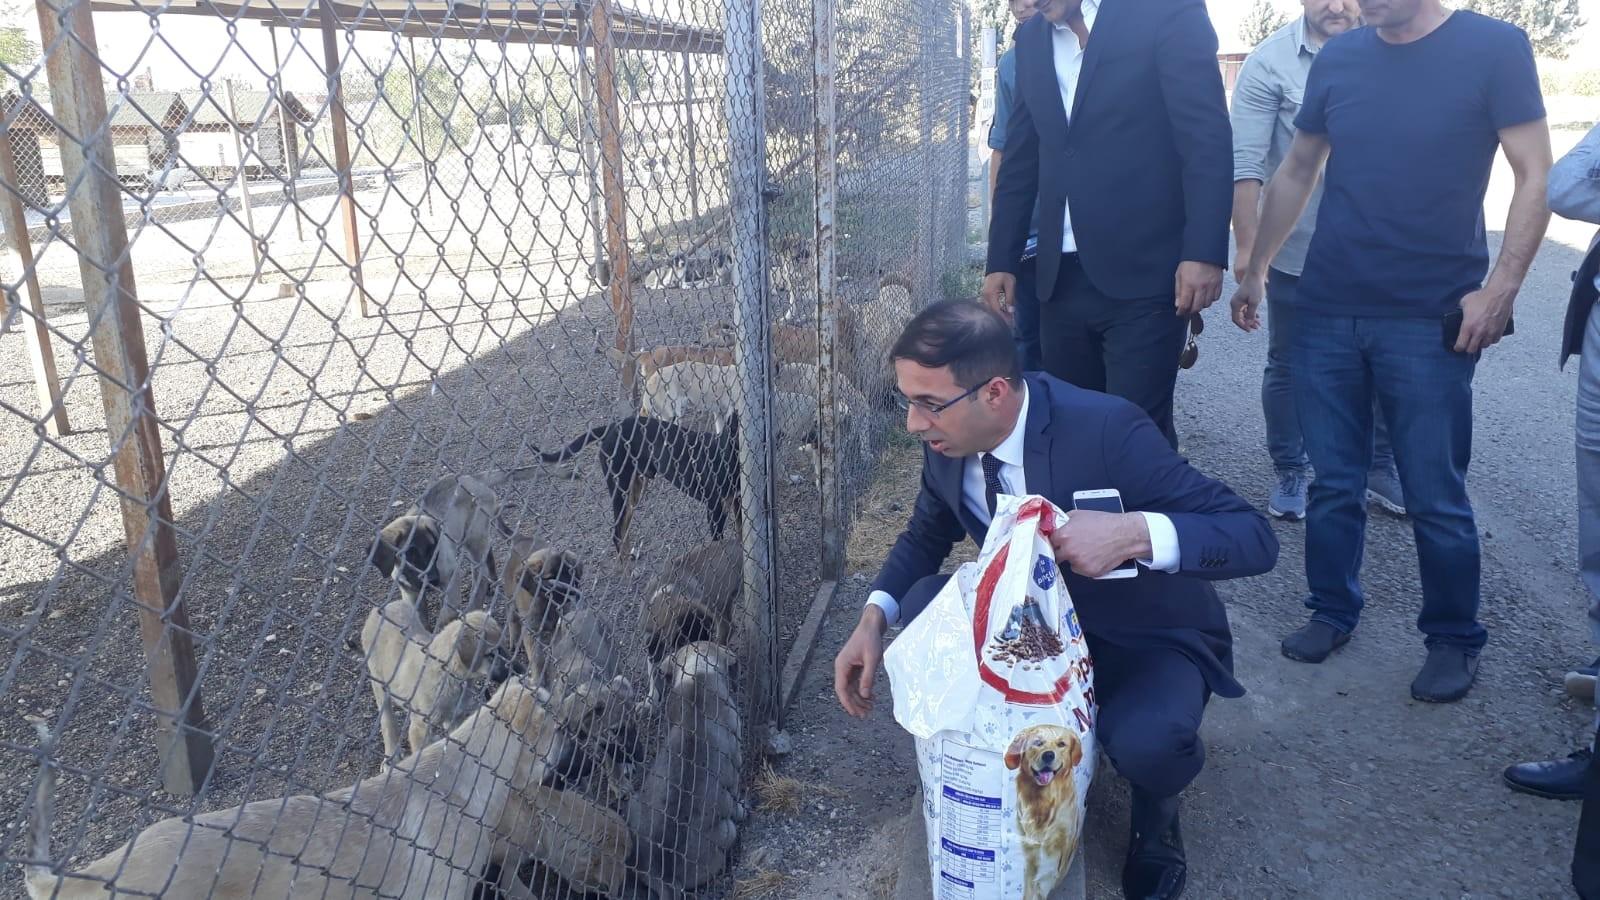 MHP Diyarbakır İl Başkanı: Hayvanların yaşam hakkına saygı duymalıyız